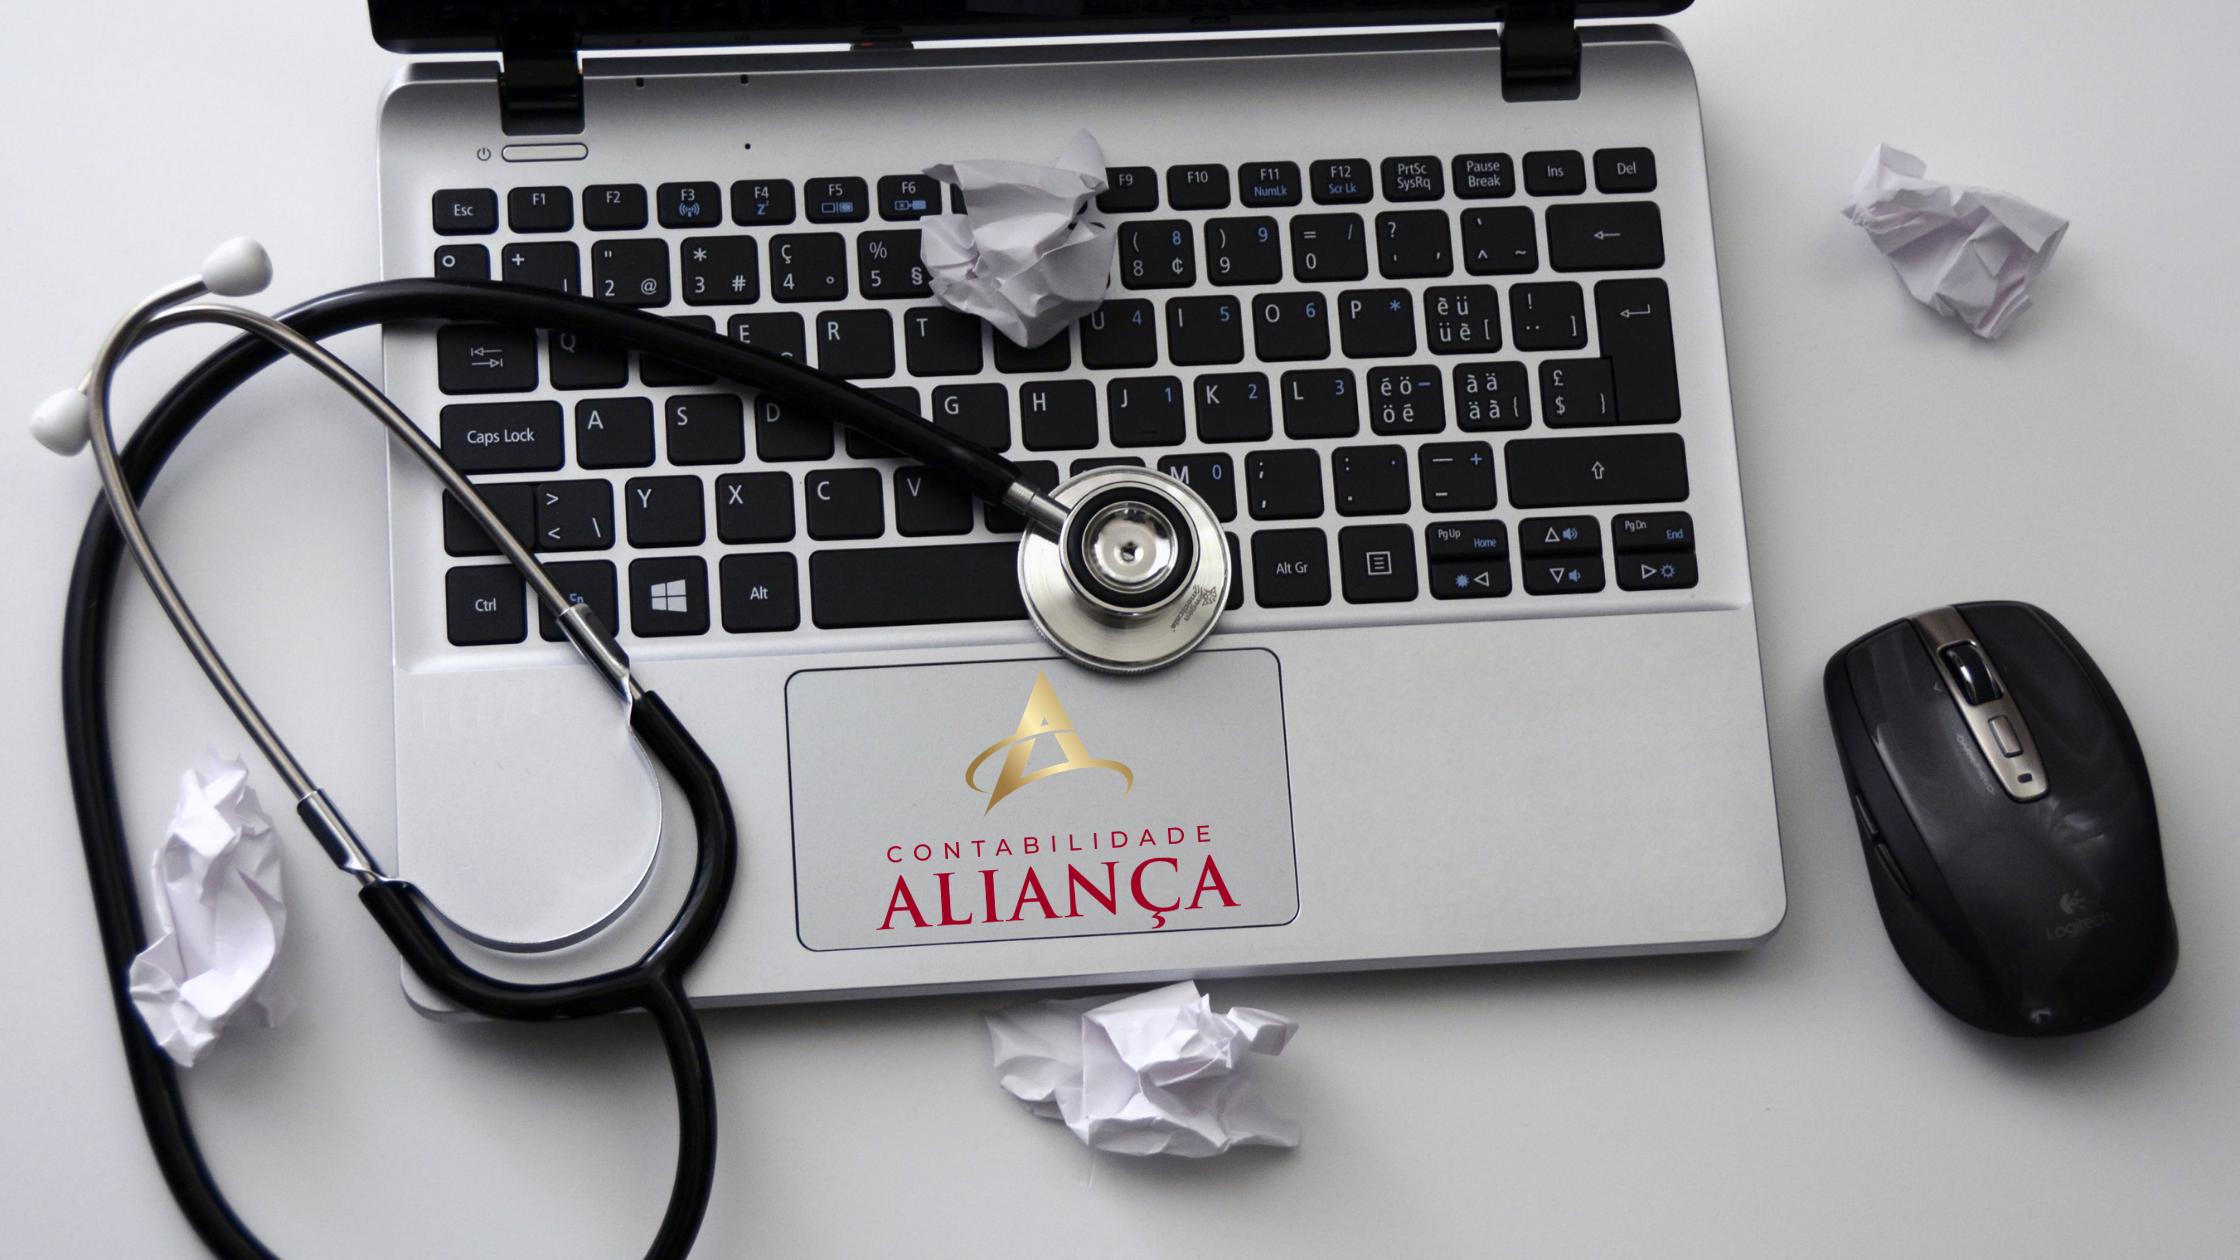 Medico Imposto De Renda - Contabilidade em Guarulhos - SP | Aliança Contabilidade - IMPOSTO DE RENDA E DEDUÇÕES MÉDICAS